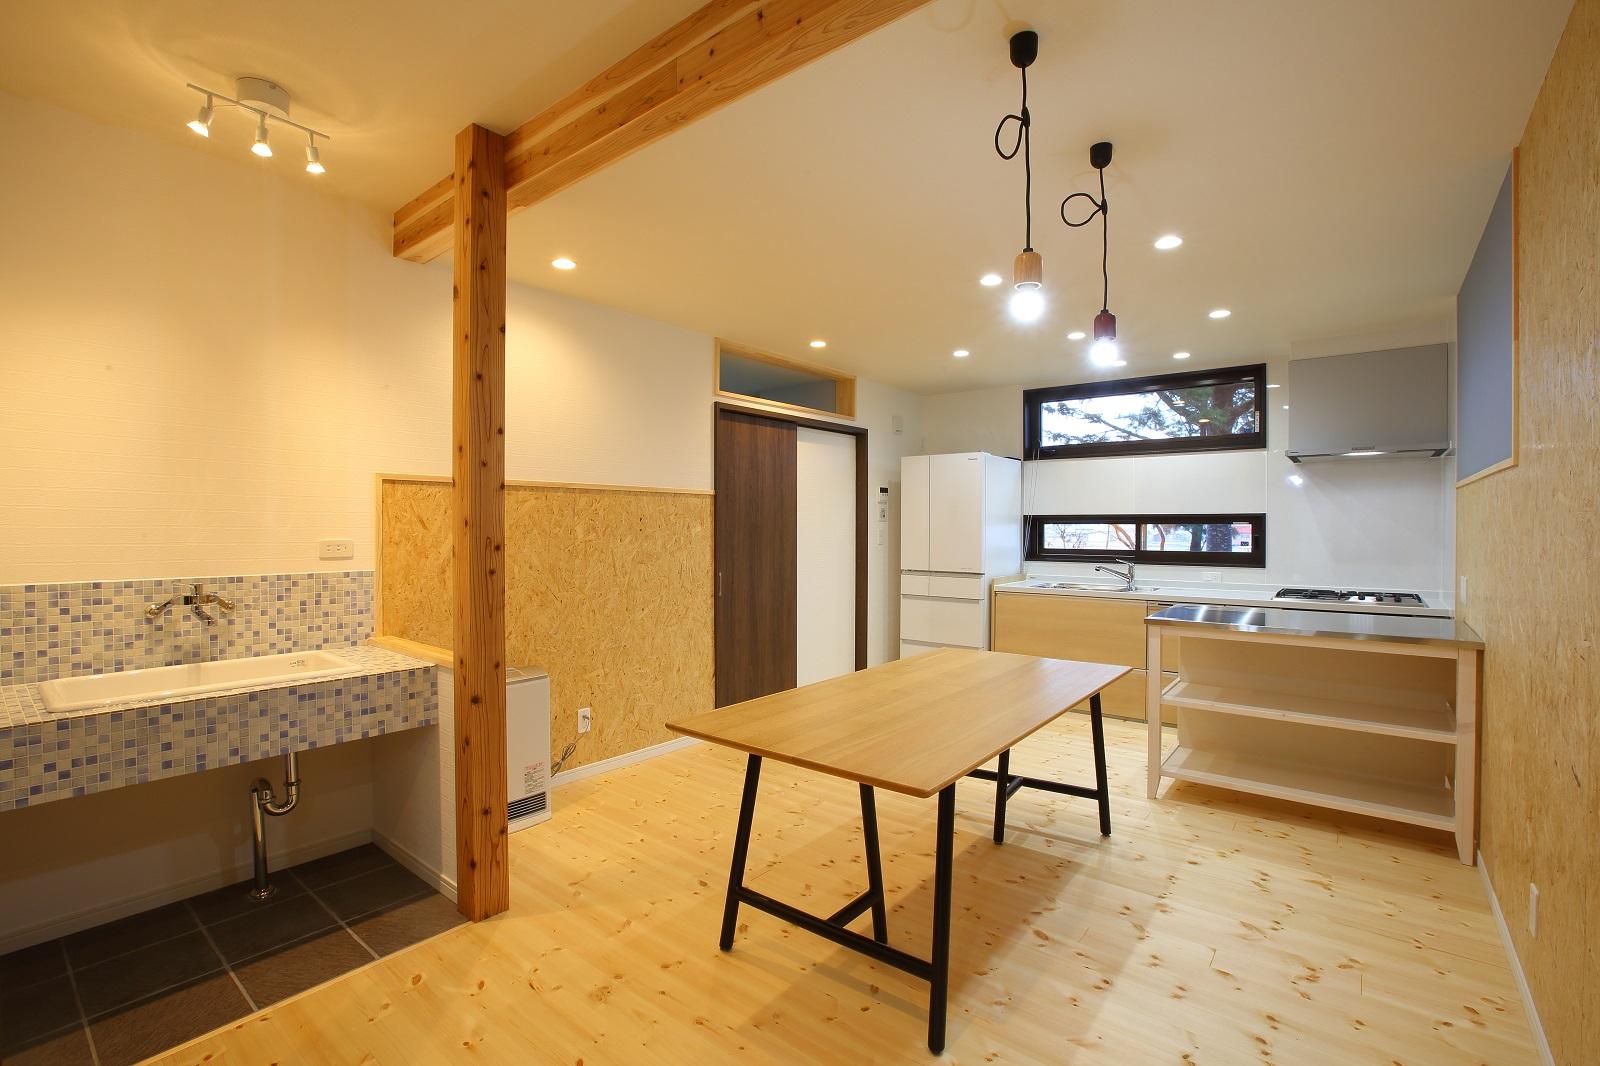 フルリノベーションでデザイン多世帯住宅へ